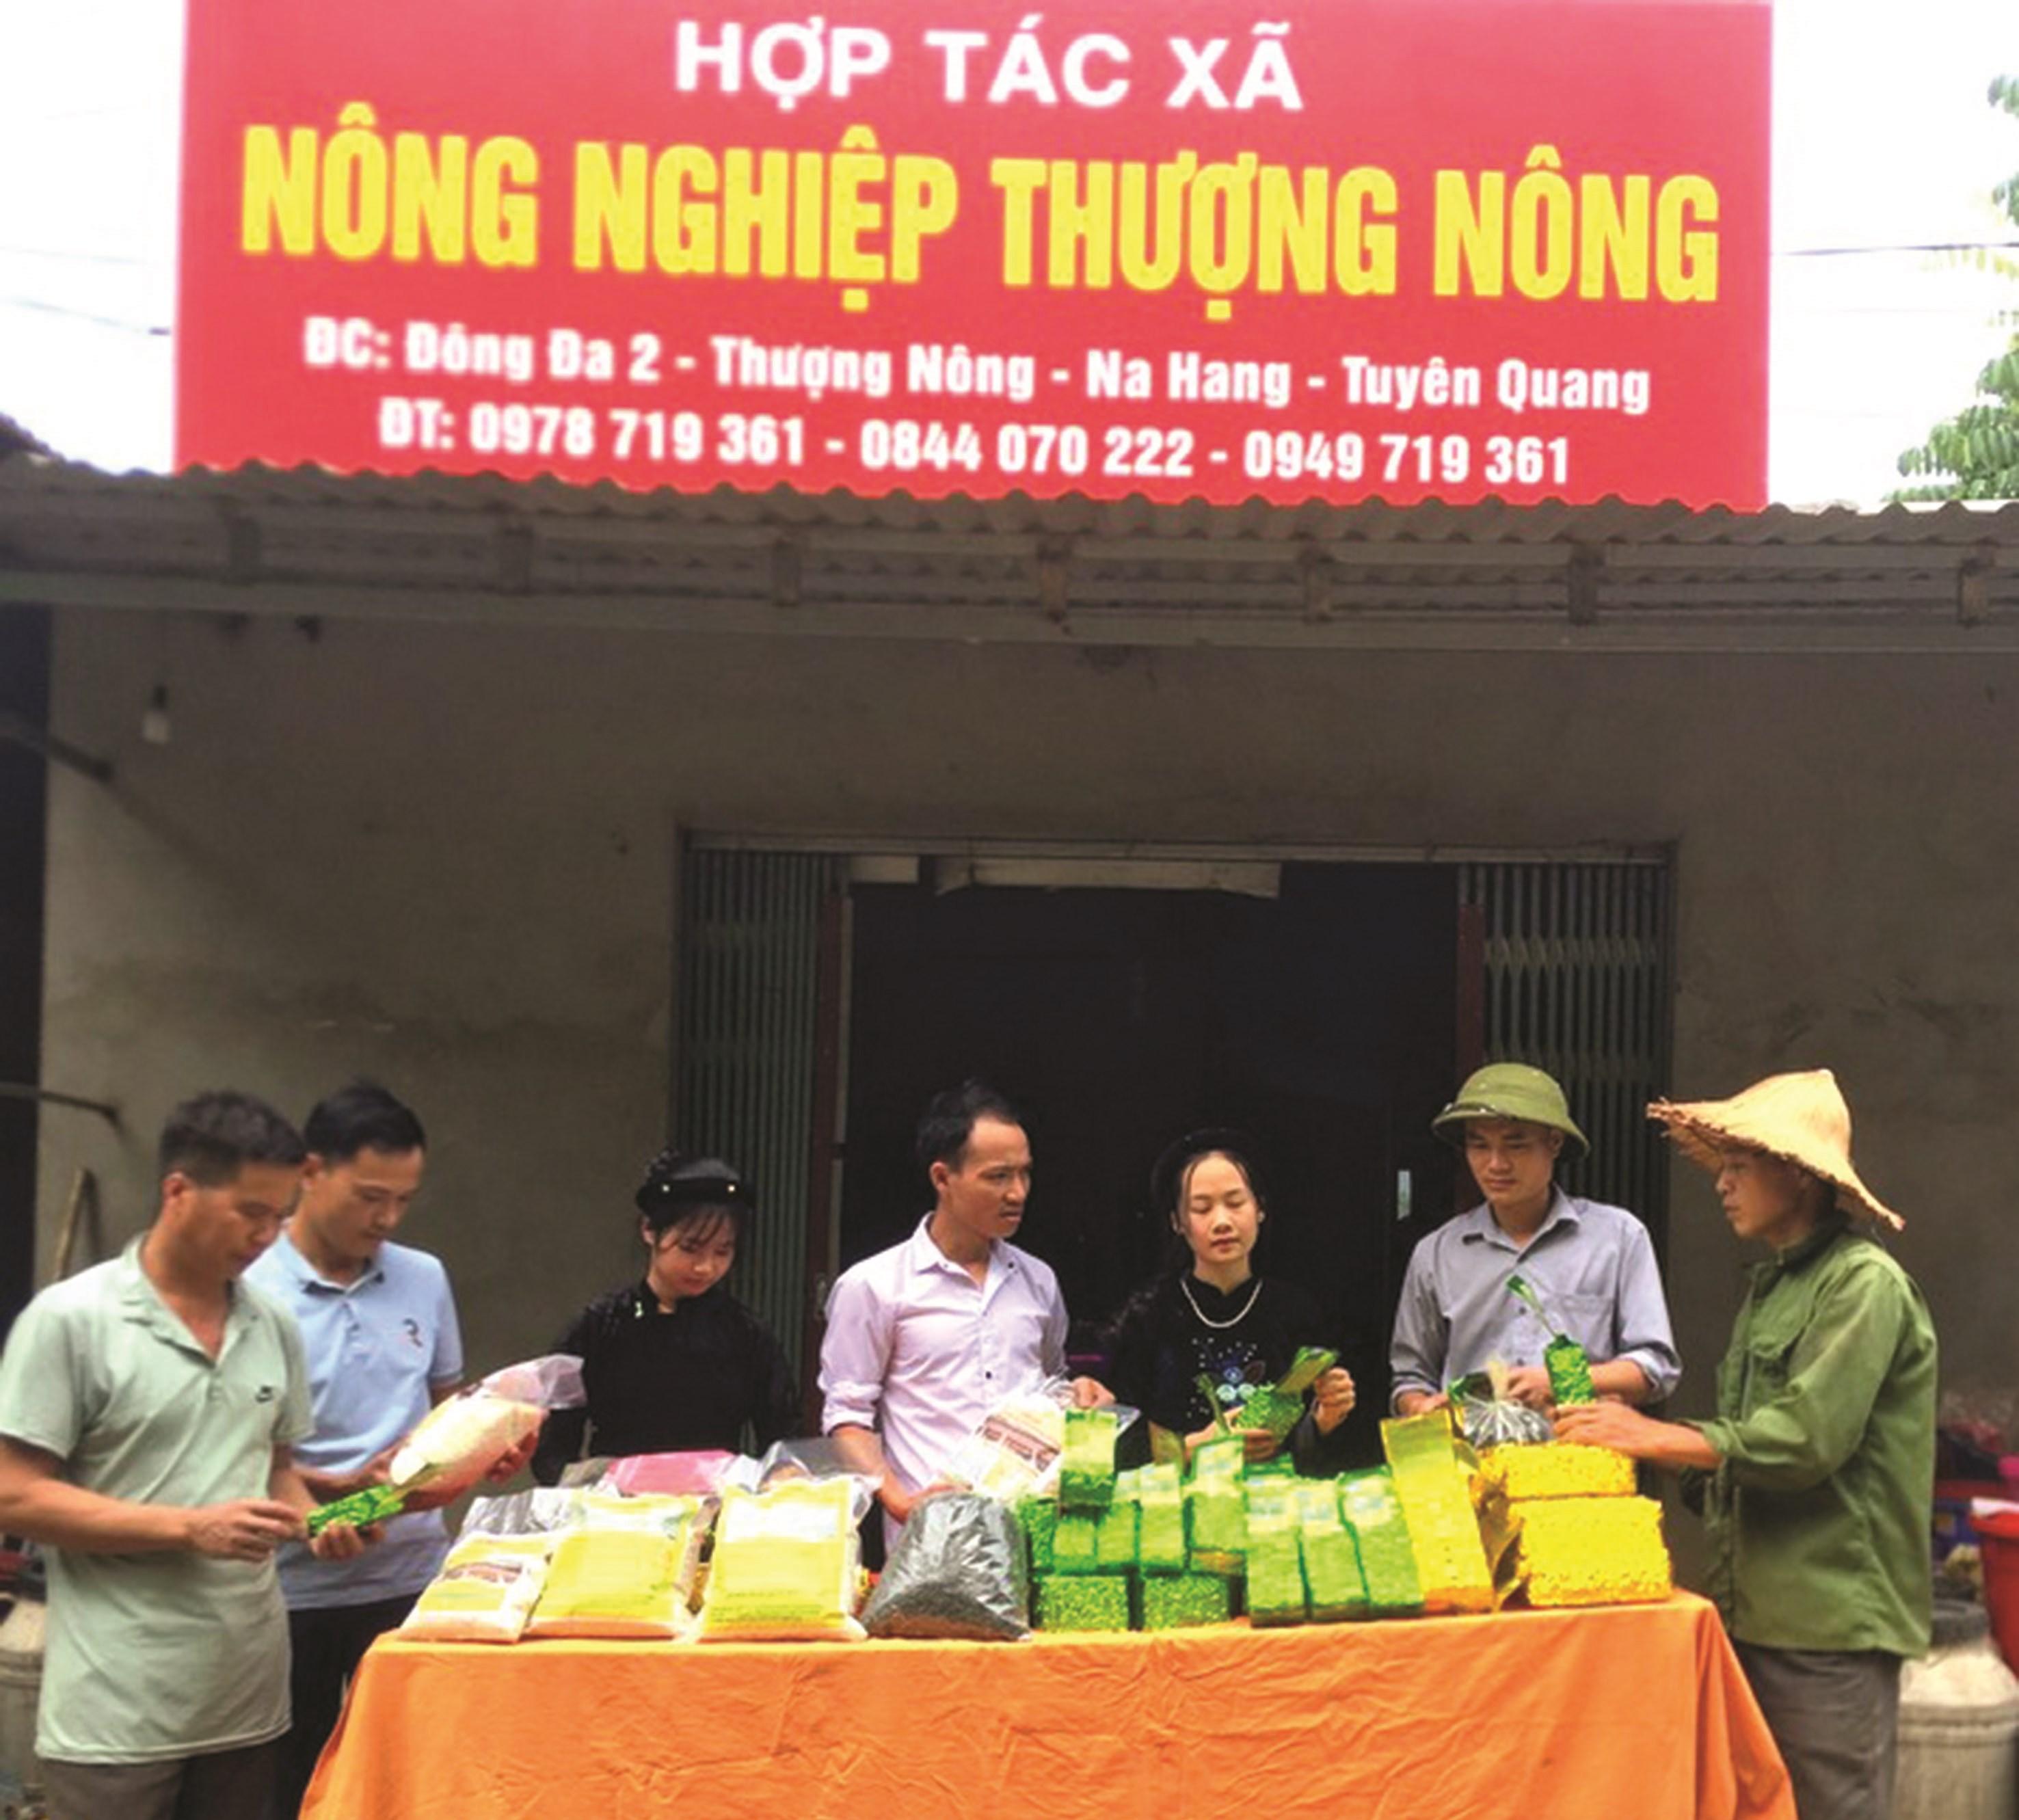 Anh Hoàng Văn Núi (thứ tư từ trái qua phải) giới thiệu sản phẩm nông sản của HTX nông nghiệp Thượng Nông